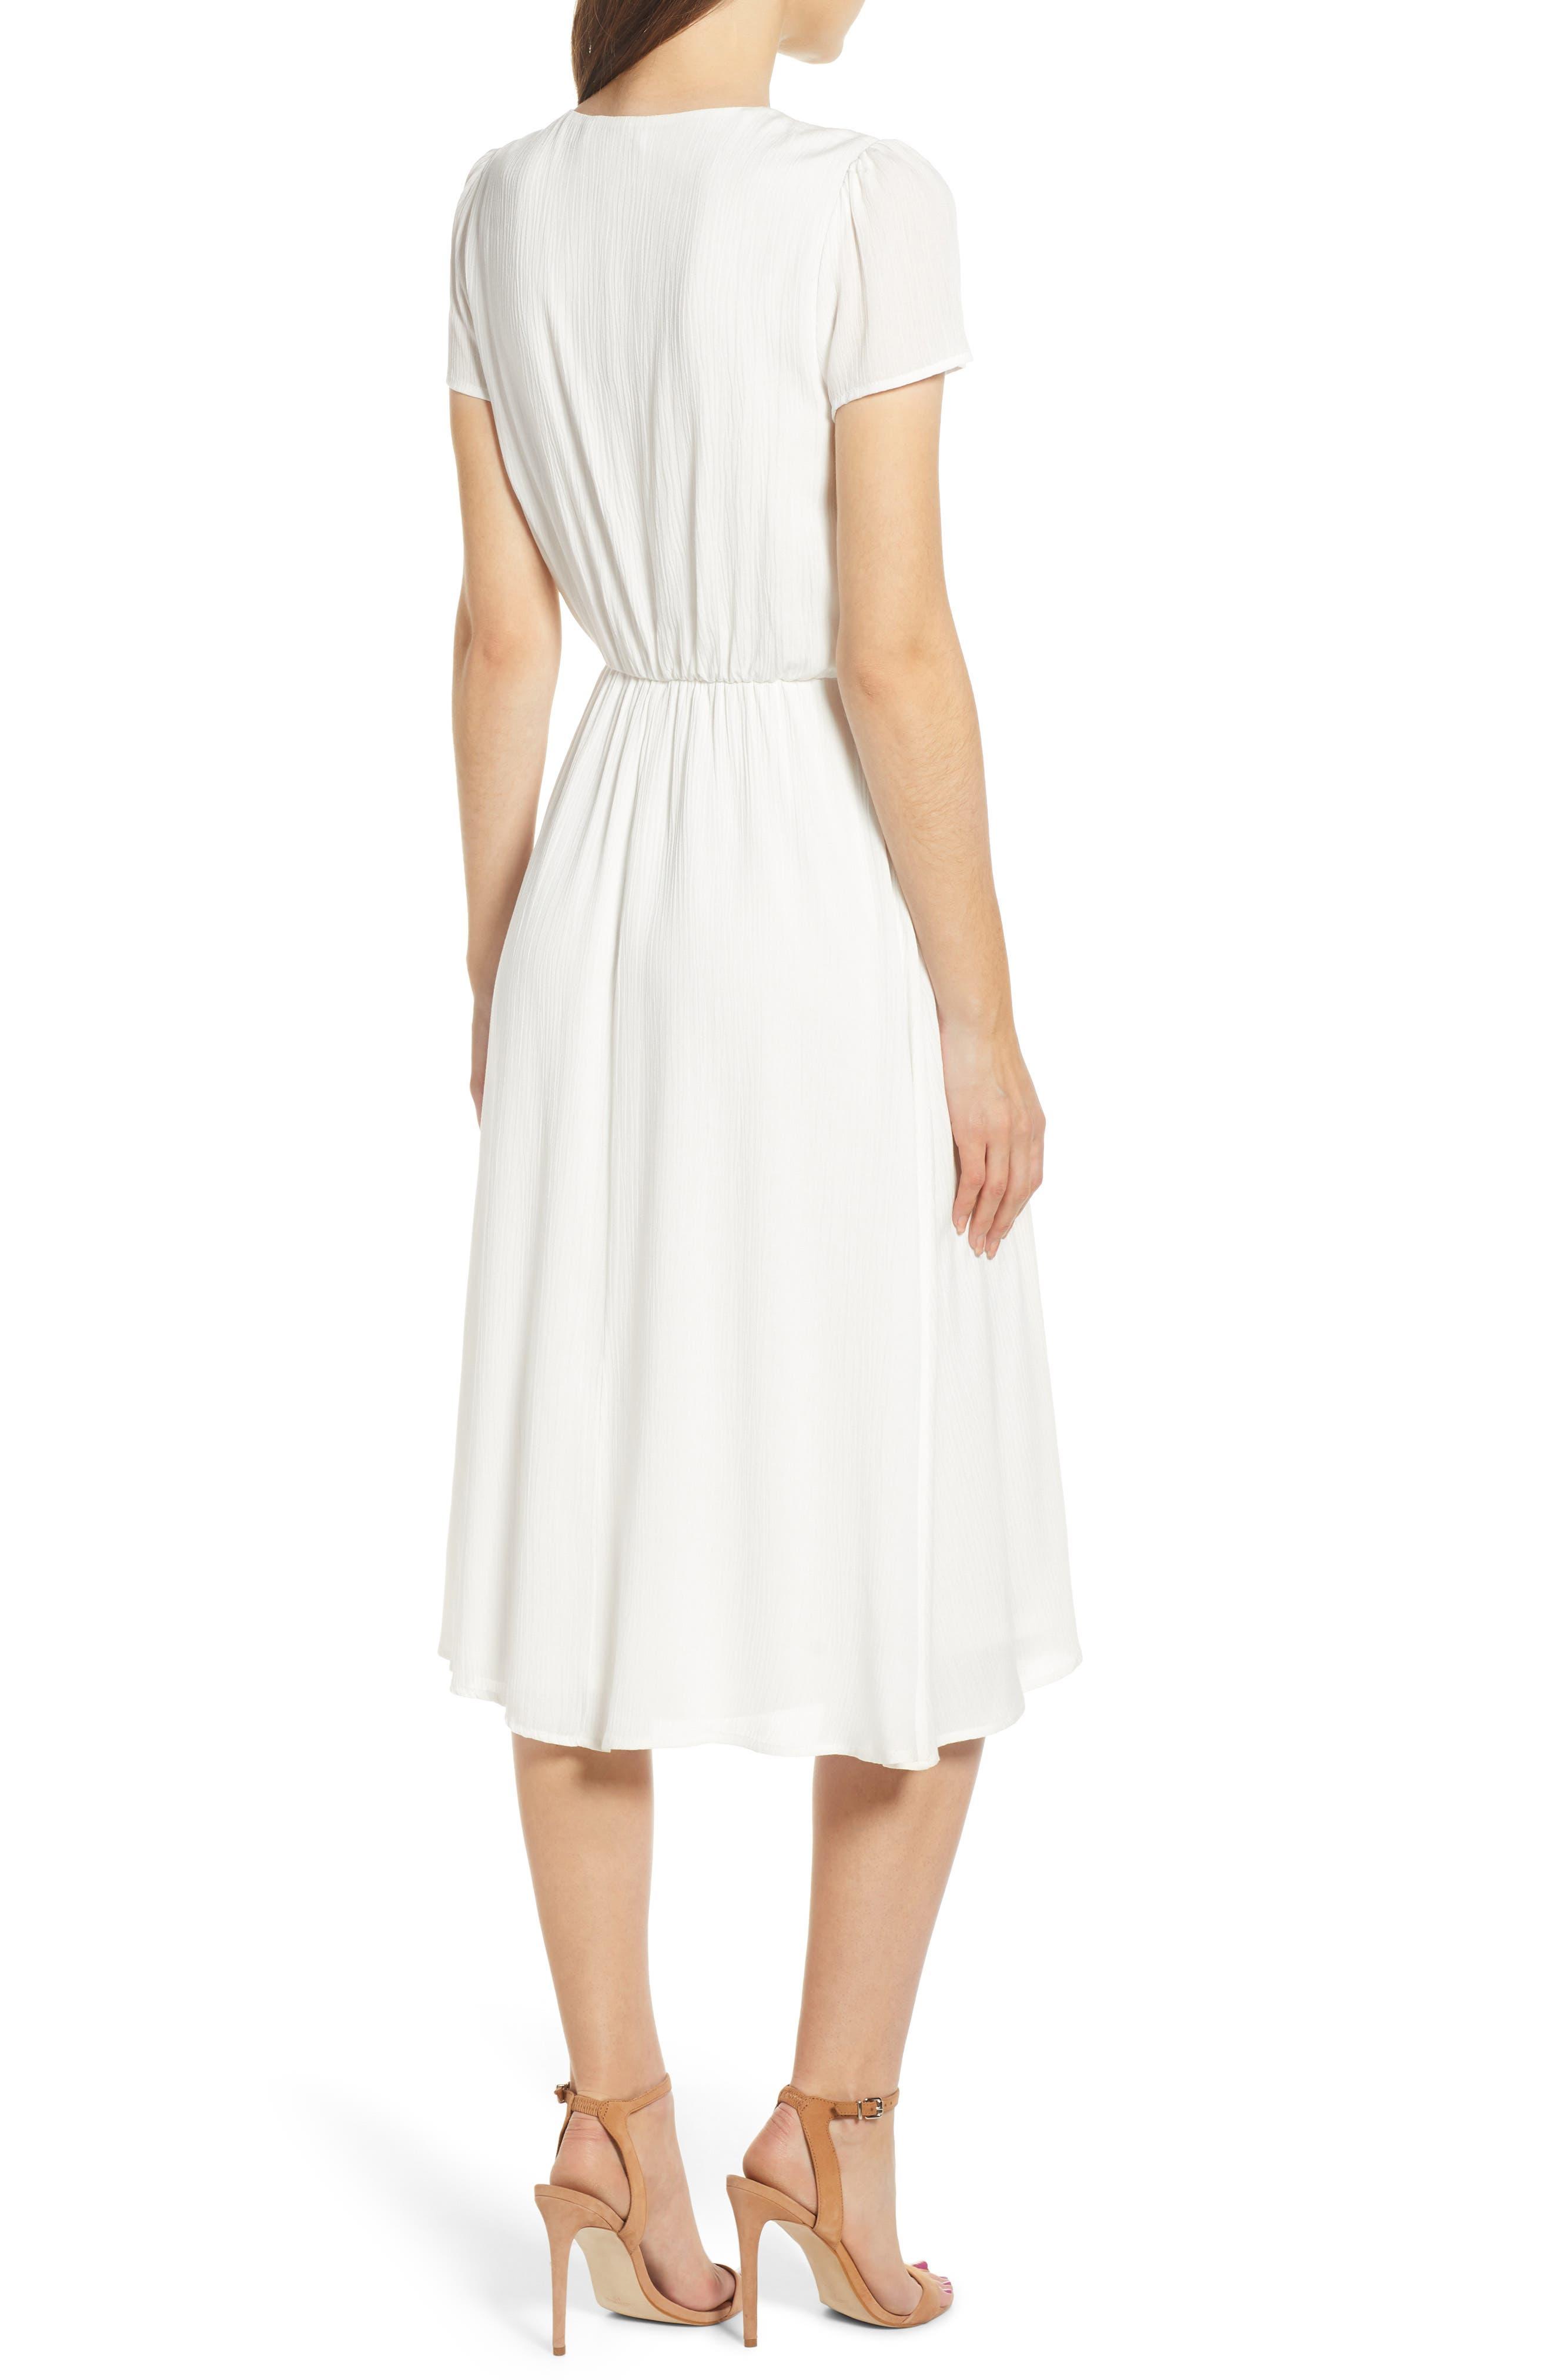 ed59d653d0 Women s A-Line Dresses